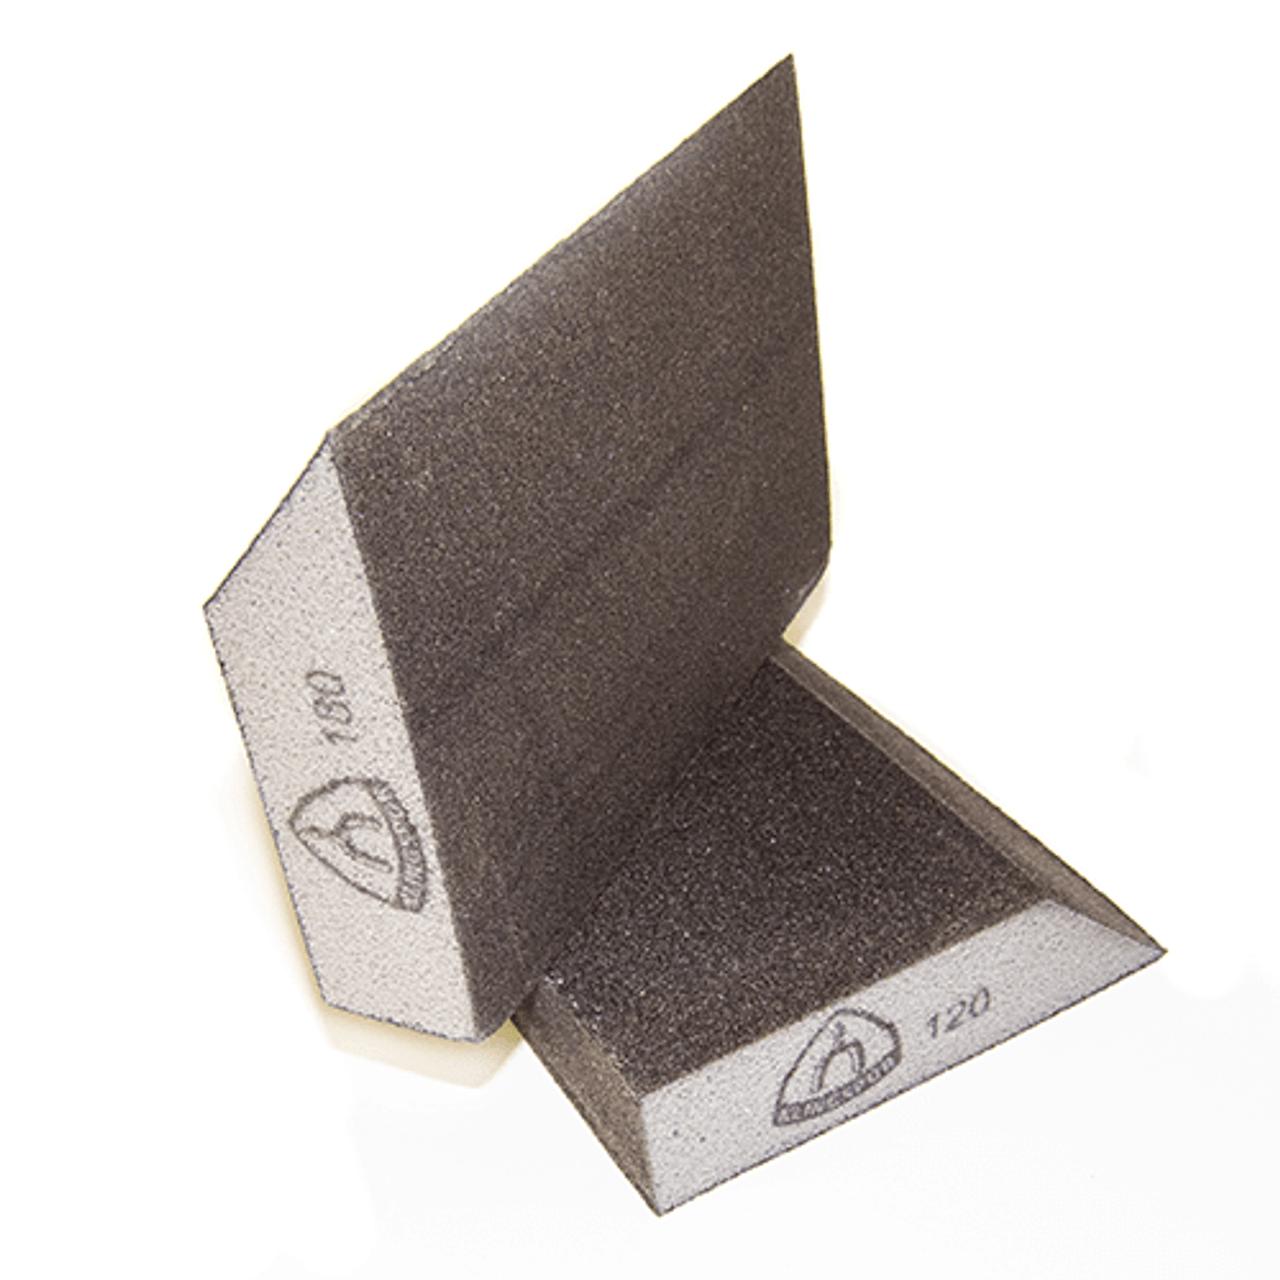 Klingspor Abrasives Foam Sanding Pad Sampler 10 Pack